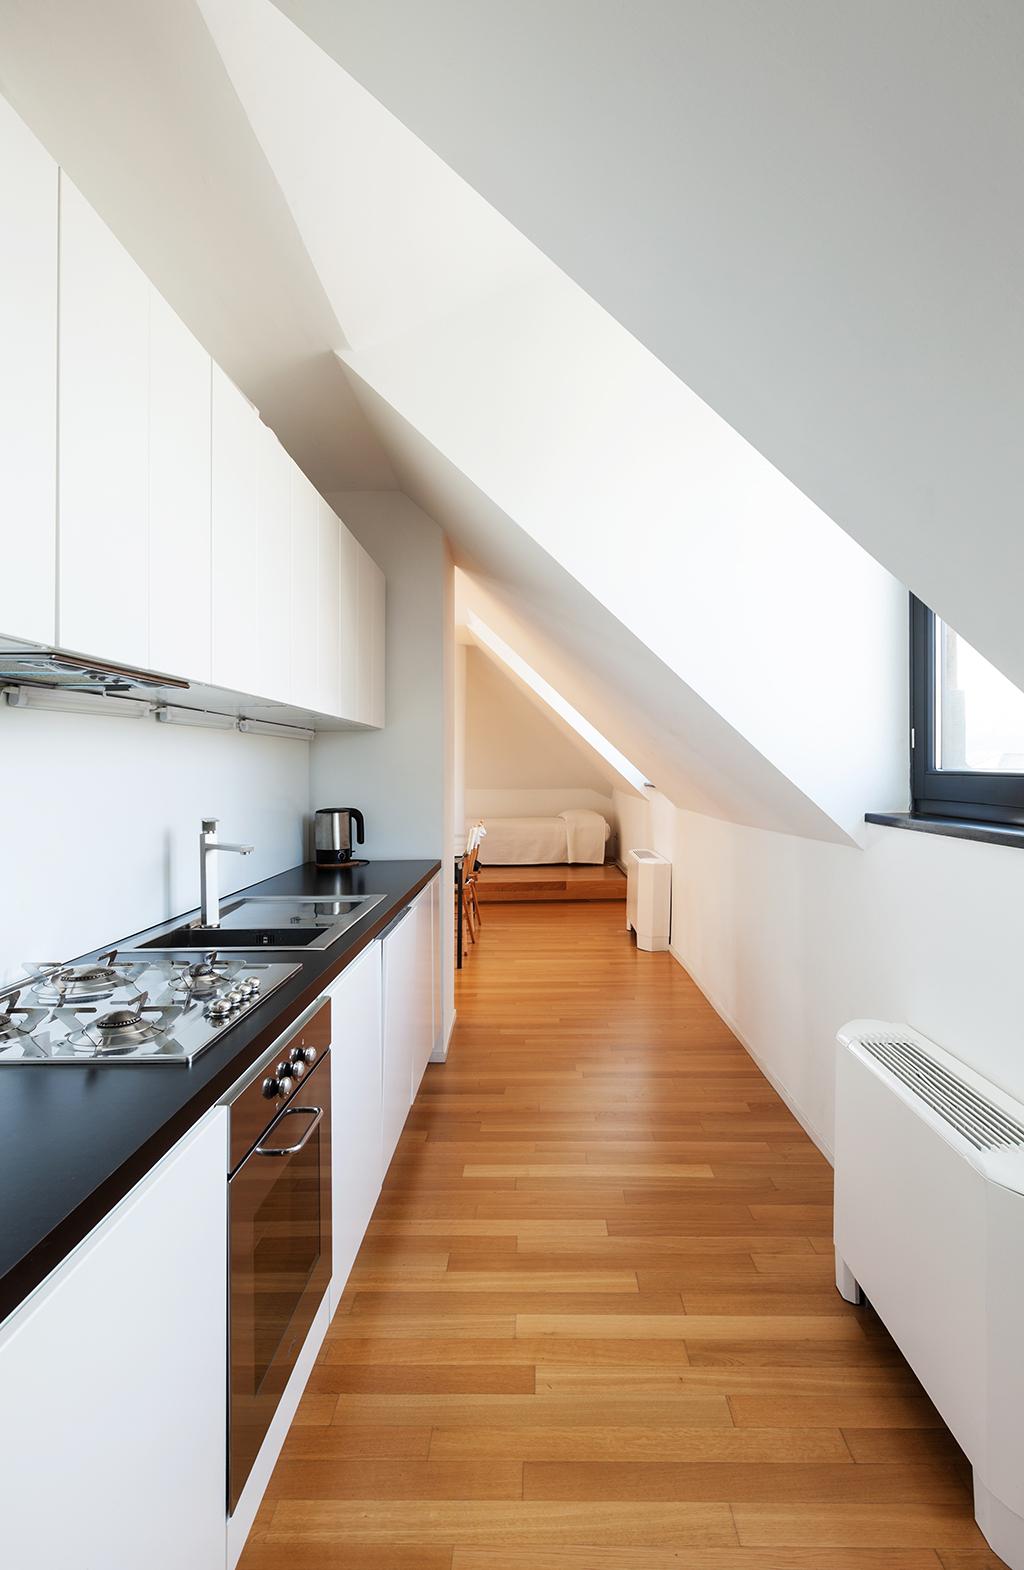 Full Size of Boden Für Küche Und Wohnzimmer Bodenbeläge Küche Linoleum Bodenbelag Küche Betonoptik Neuer Bodenbelag Küche Küche Bodenbelag Küche